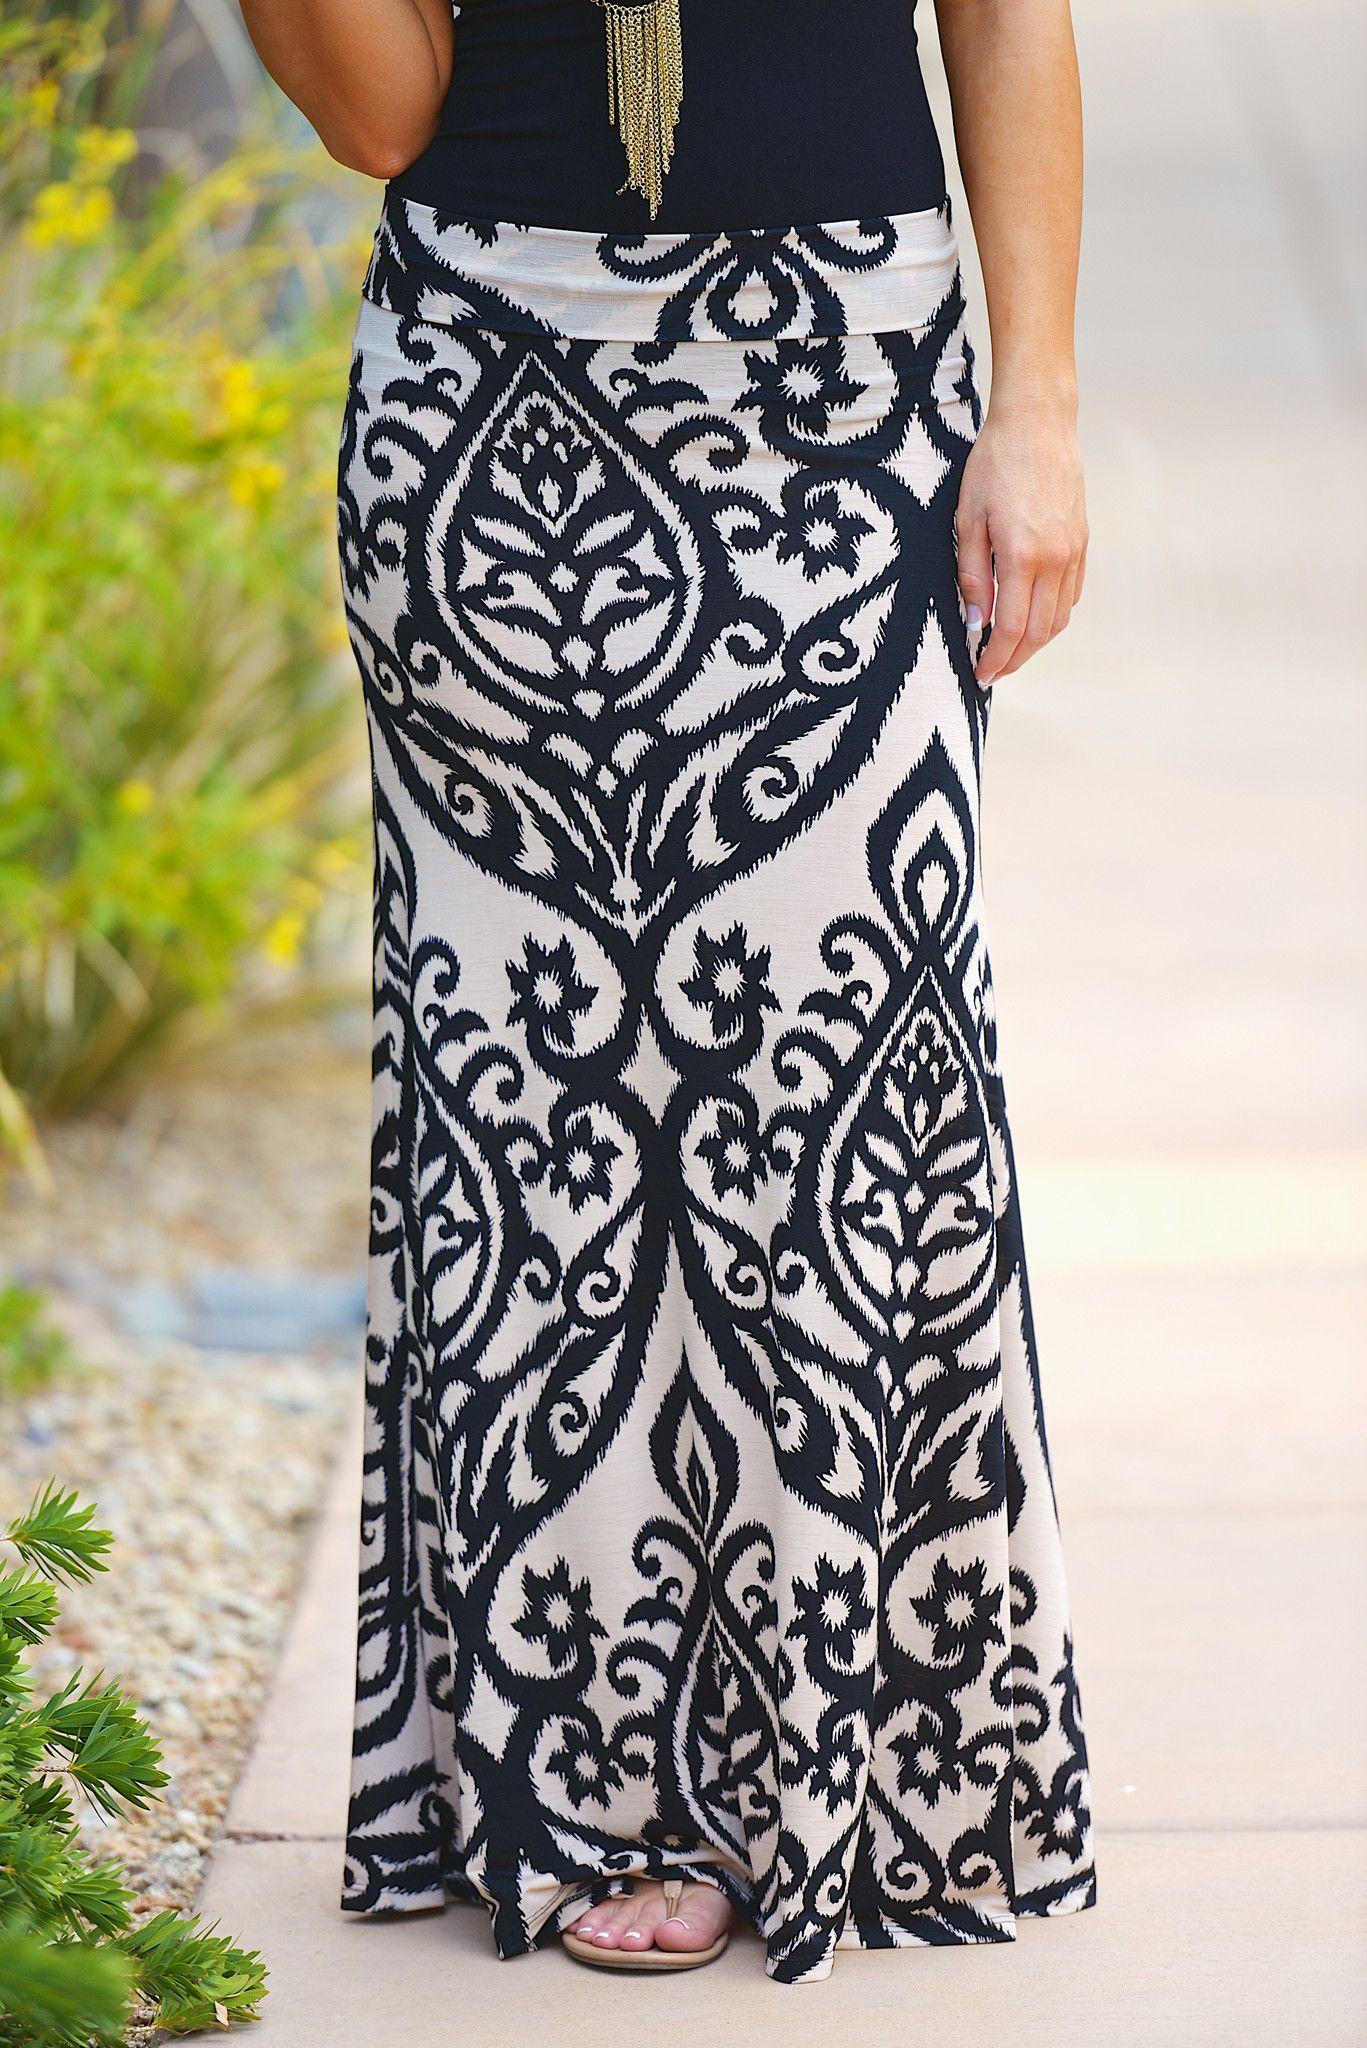 17464d2ace La falda larga es más bonita que la falda corta. La falda es interesante